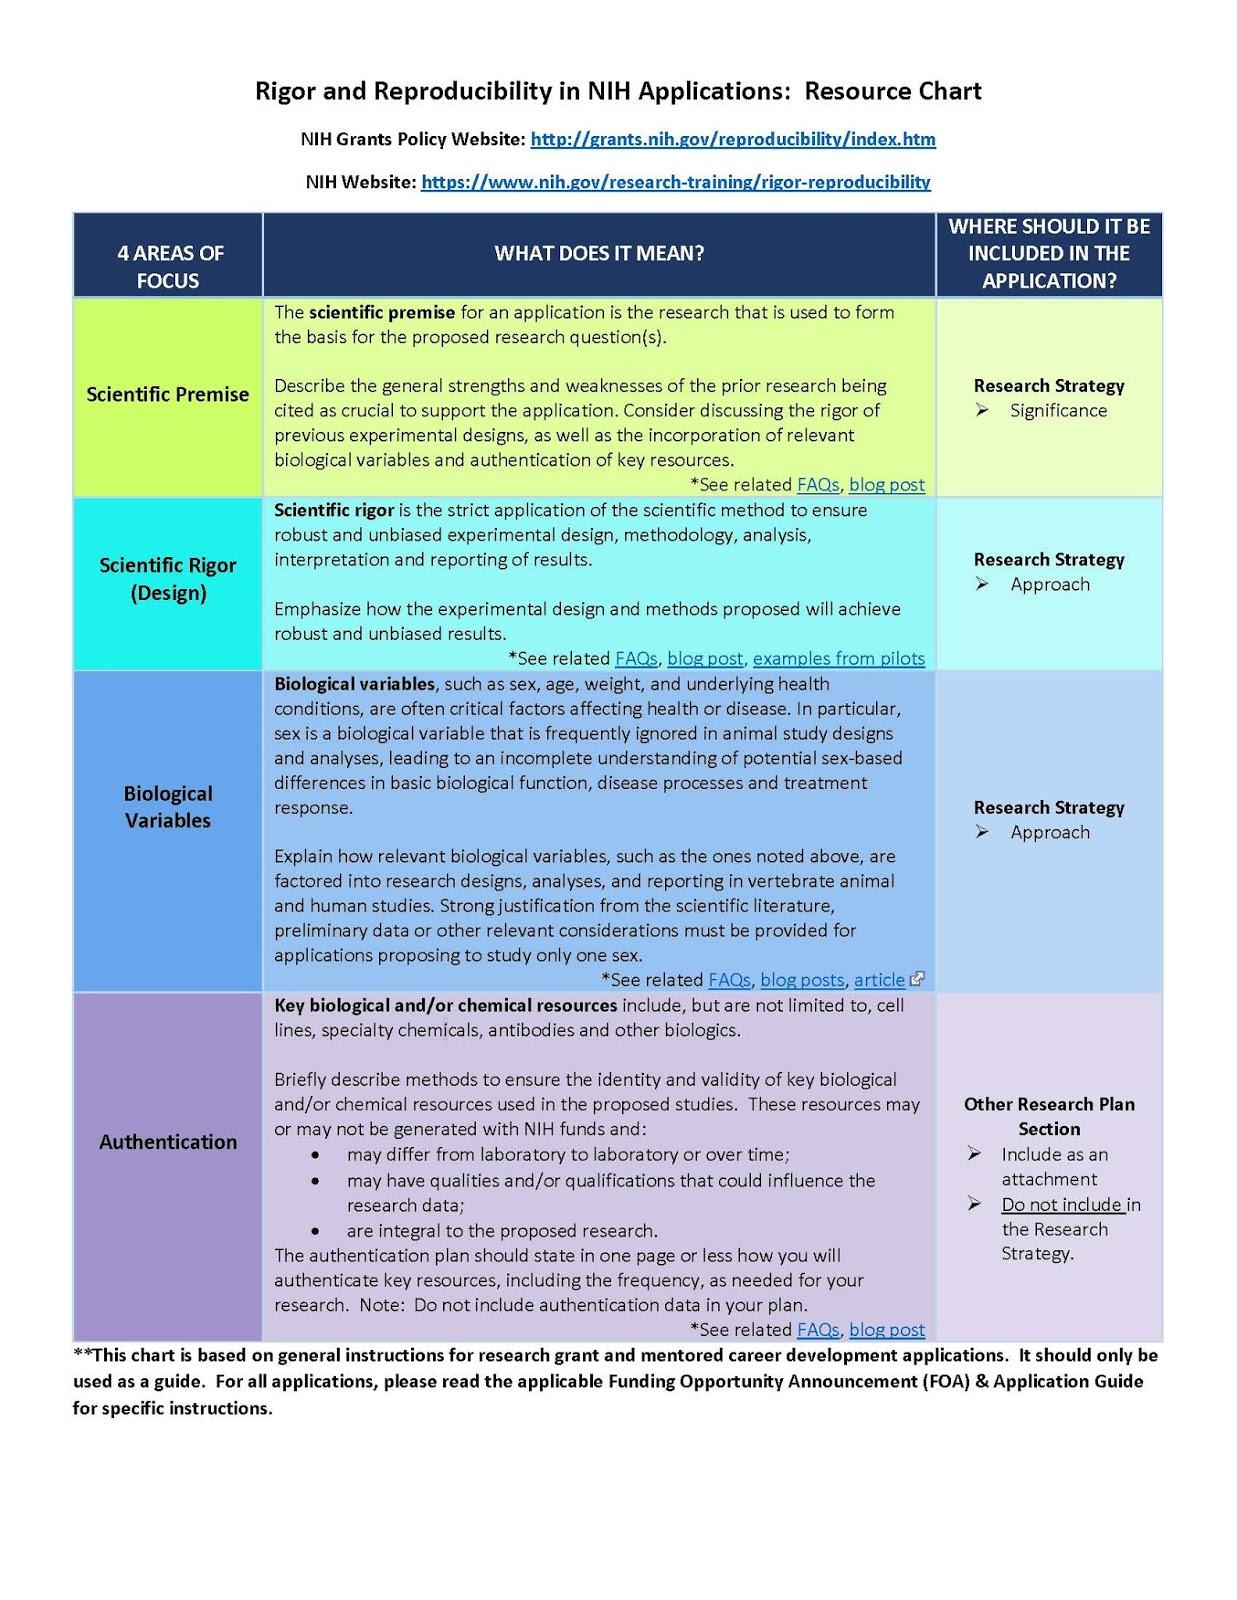 Nih f32 research proposal